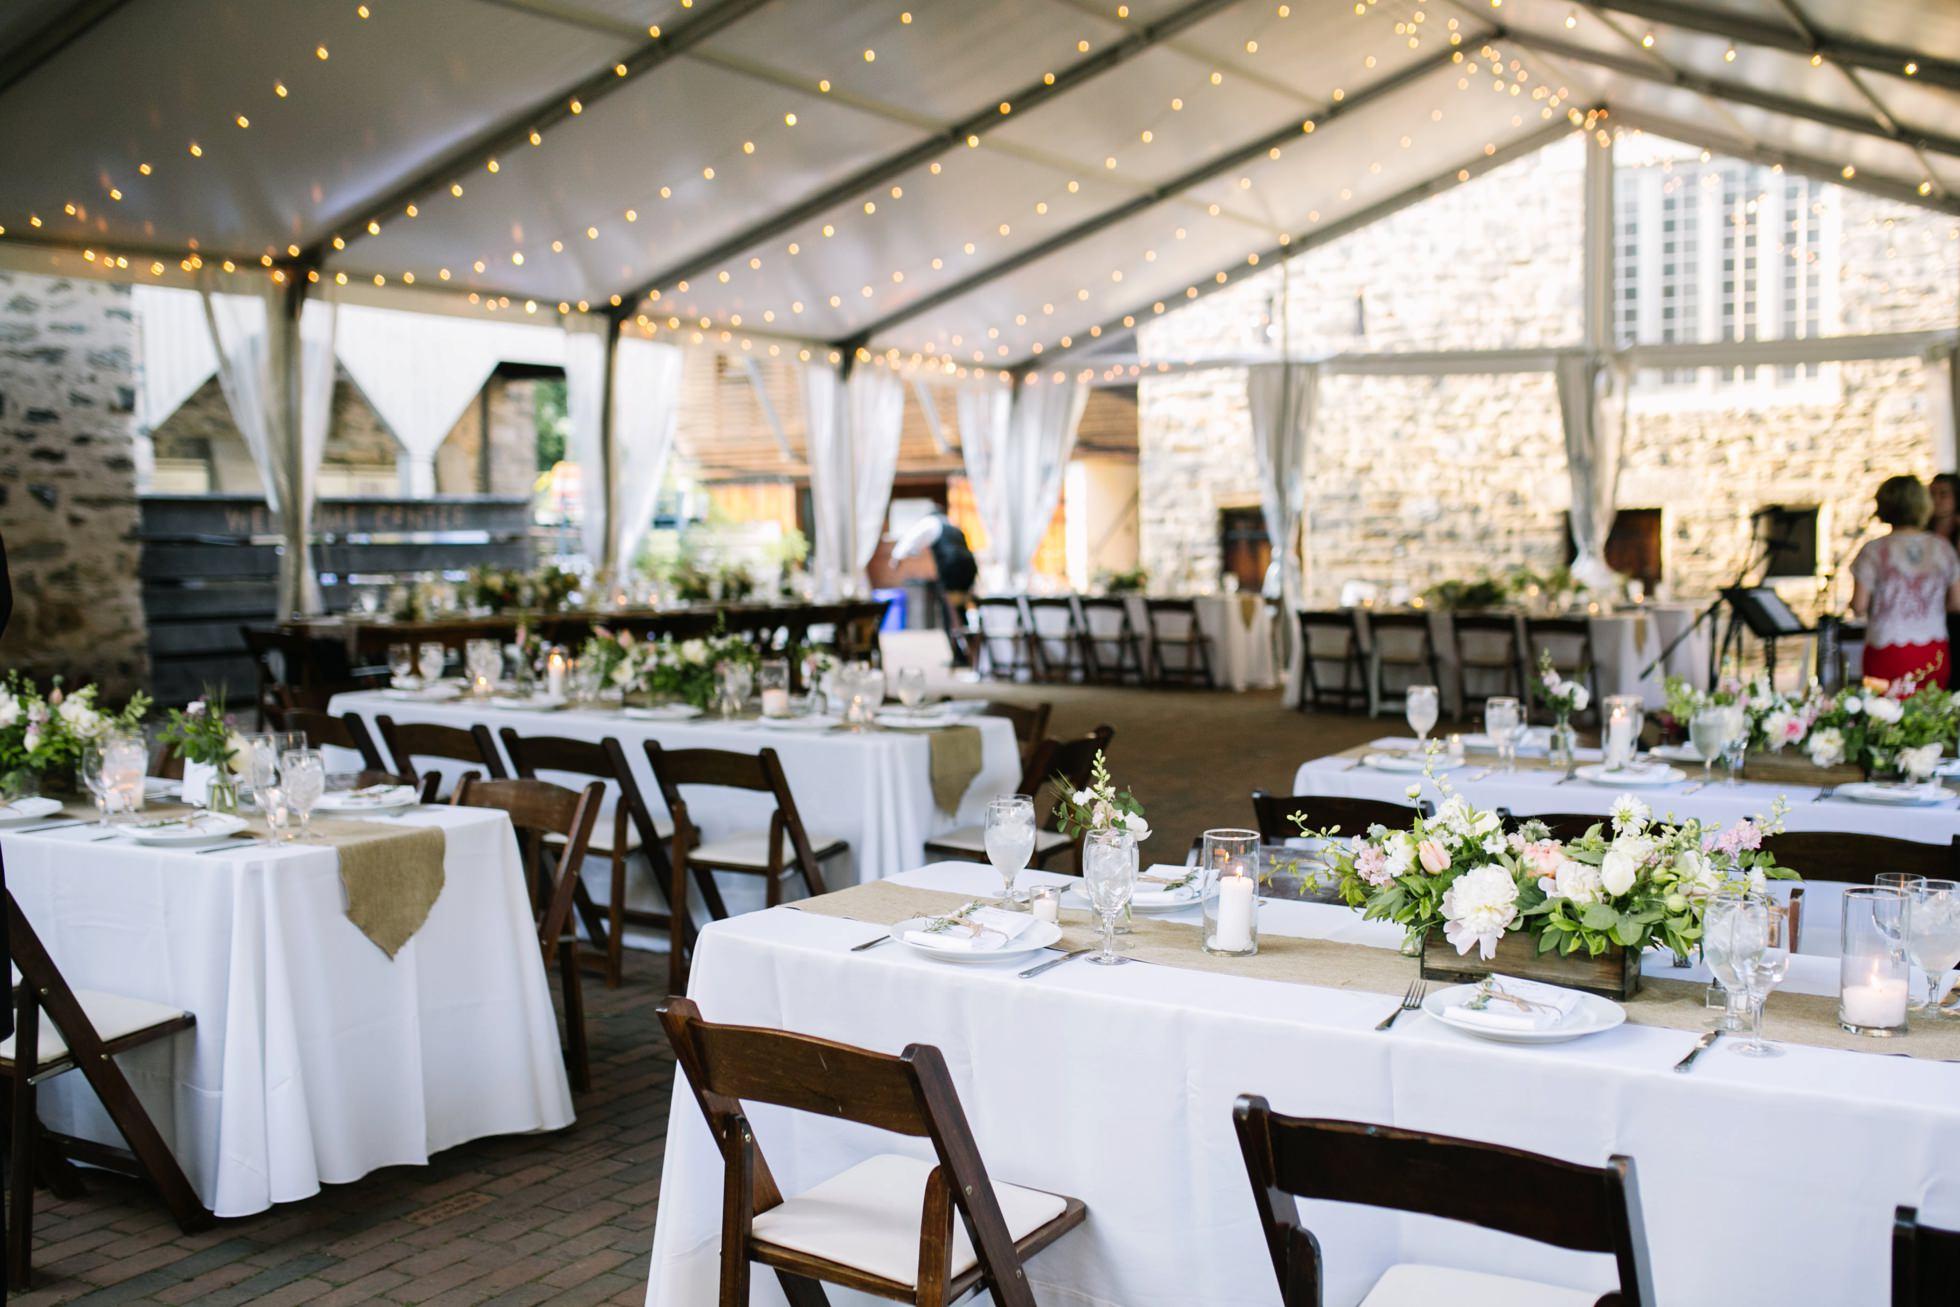 Romantic Bartram's Garden Outdoor Summer Wedding, Philadelphia | brittneyraine.com 069